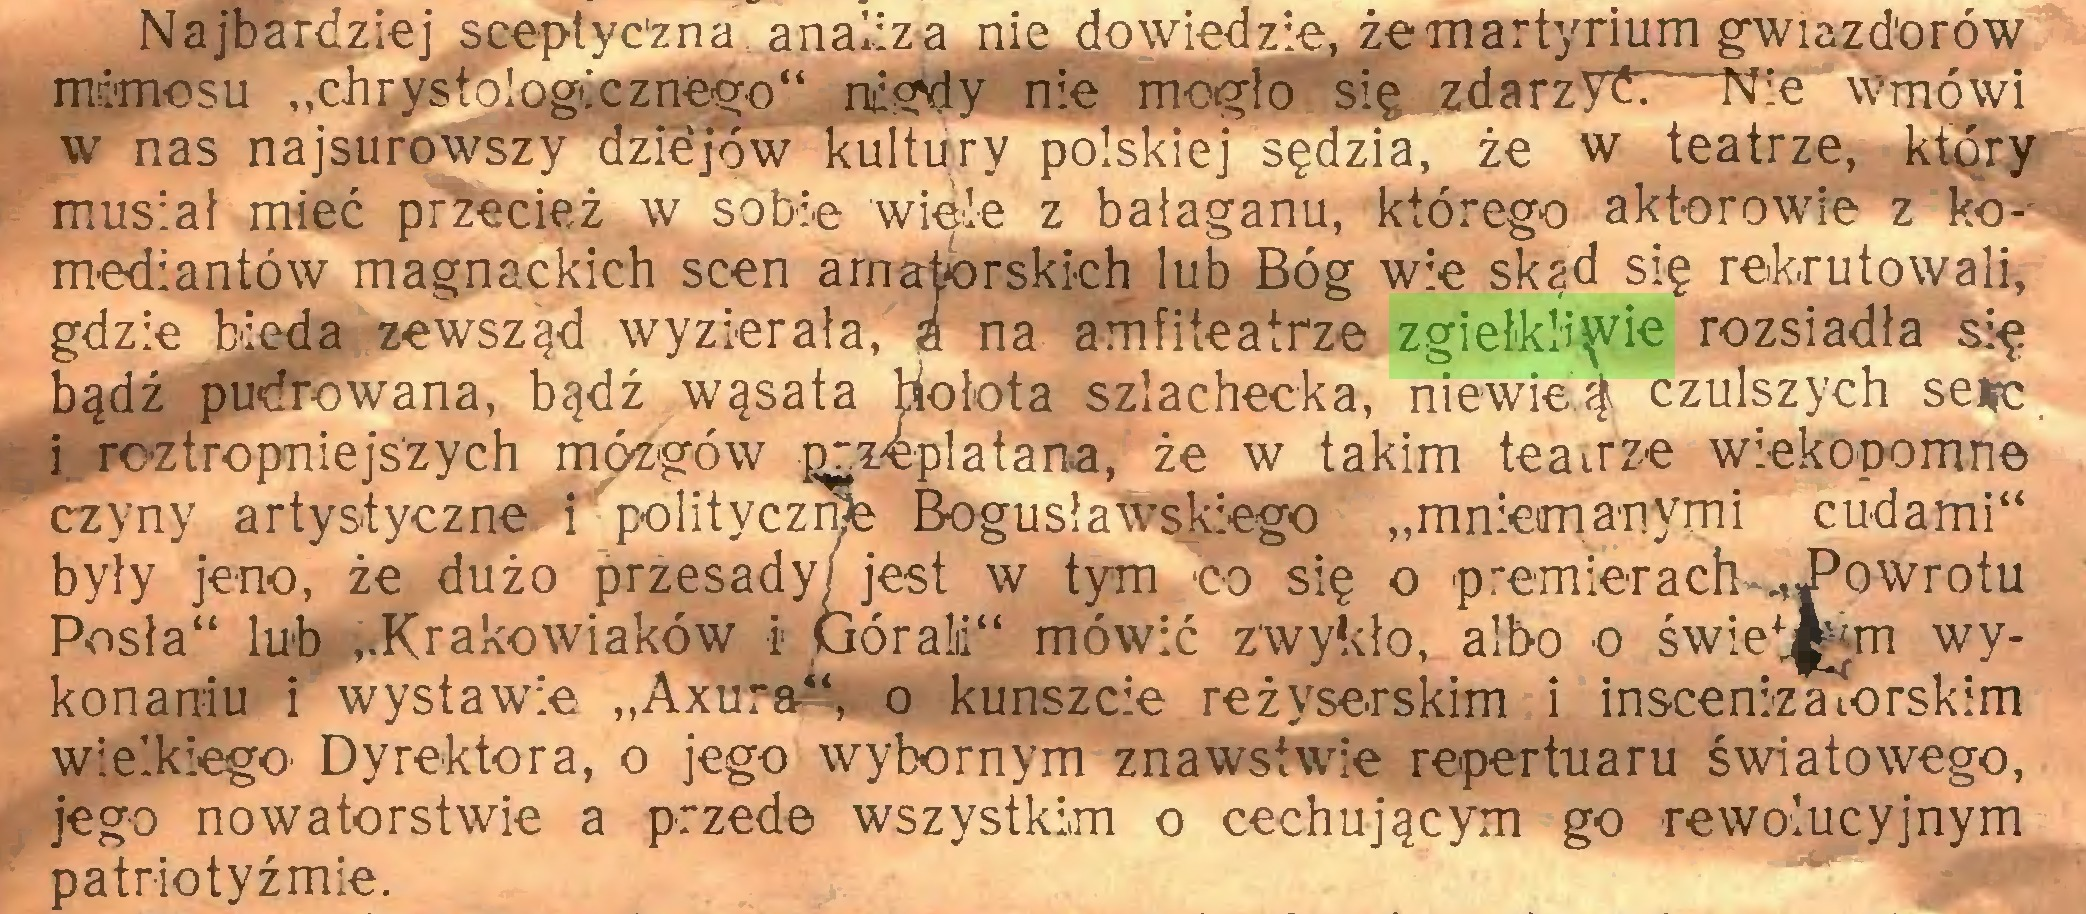 """(...) Najbardziej sceptyczna analizą nie dowiedzie, że martyrium gwiazdorów mrlmosu """"chrystologicznego"""" nigdy nie mogło się zdarzyć Nie wmówi w nas najsurowszy azæjow kultury polskiej sędzia, że w teatrze, który musiał mieć prżecież w sobie wiele z bałaganu, którego aktorowre z komediantów magnackich scen amatorskich lub Bóg wie skąd się rekrutowali, gdzie bieda zewsząd wyzierała,"""" a na amfiteatrze zgiełkliwie rozsiadła się bądź pudrowana, bądź wąsata hołota szlachecka, niewieą czulszych se#c i roztropniejszych mózgów przeplatana, że w takim teatrze wiekopomne czyny artystyczne i polityczni Bogusławskiego """"mniemanymi cudami"""" były jeno, że dużo przesady/ jest w tym co się o p rem 1er a ch -J5 o w r o t u Posła"""" lub """"Krakowiaków i GóraM"""" mówić zwykło, albo o świe^m wykonaniu i wystawie """"Axura*', o kunszcie reżyserskim i inscenizaiorskim wielkiego Dyrektora, o jego wybornym znawstwie repertuaru światowego, jego nowatorstwie a przede wszystkim o cechującym go rewolucyjnym patriotyźmie..."""